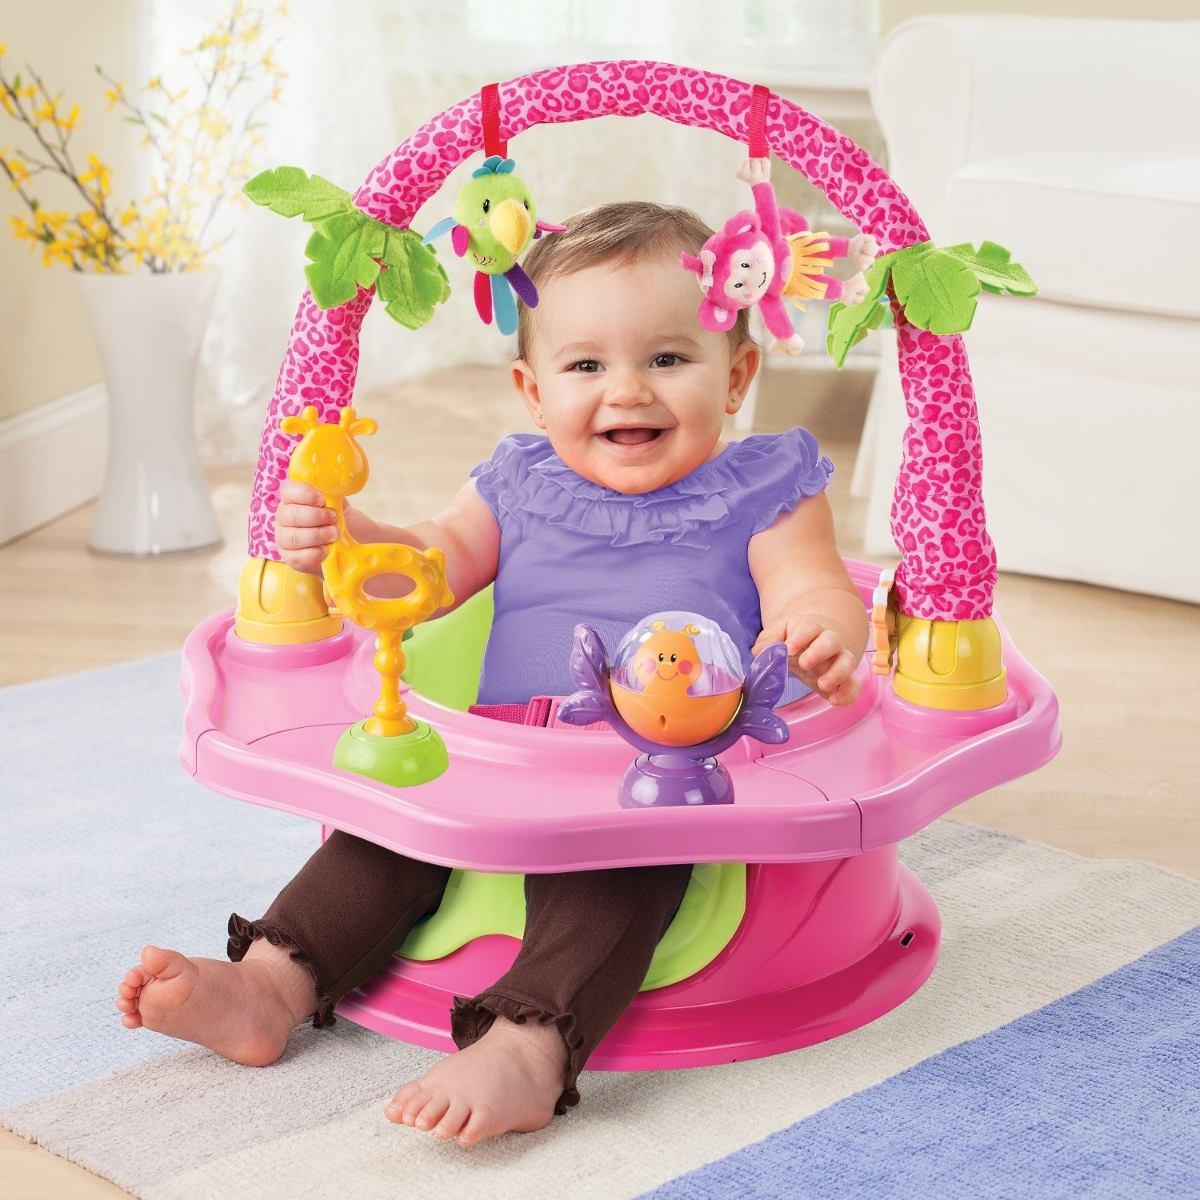 Silla Booster Gimnasio Summer Infant Para Bebe 3 Etapa Bumbo   115000 en Mercado Libre